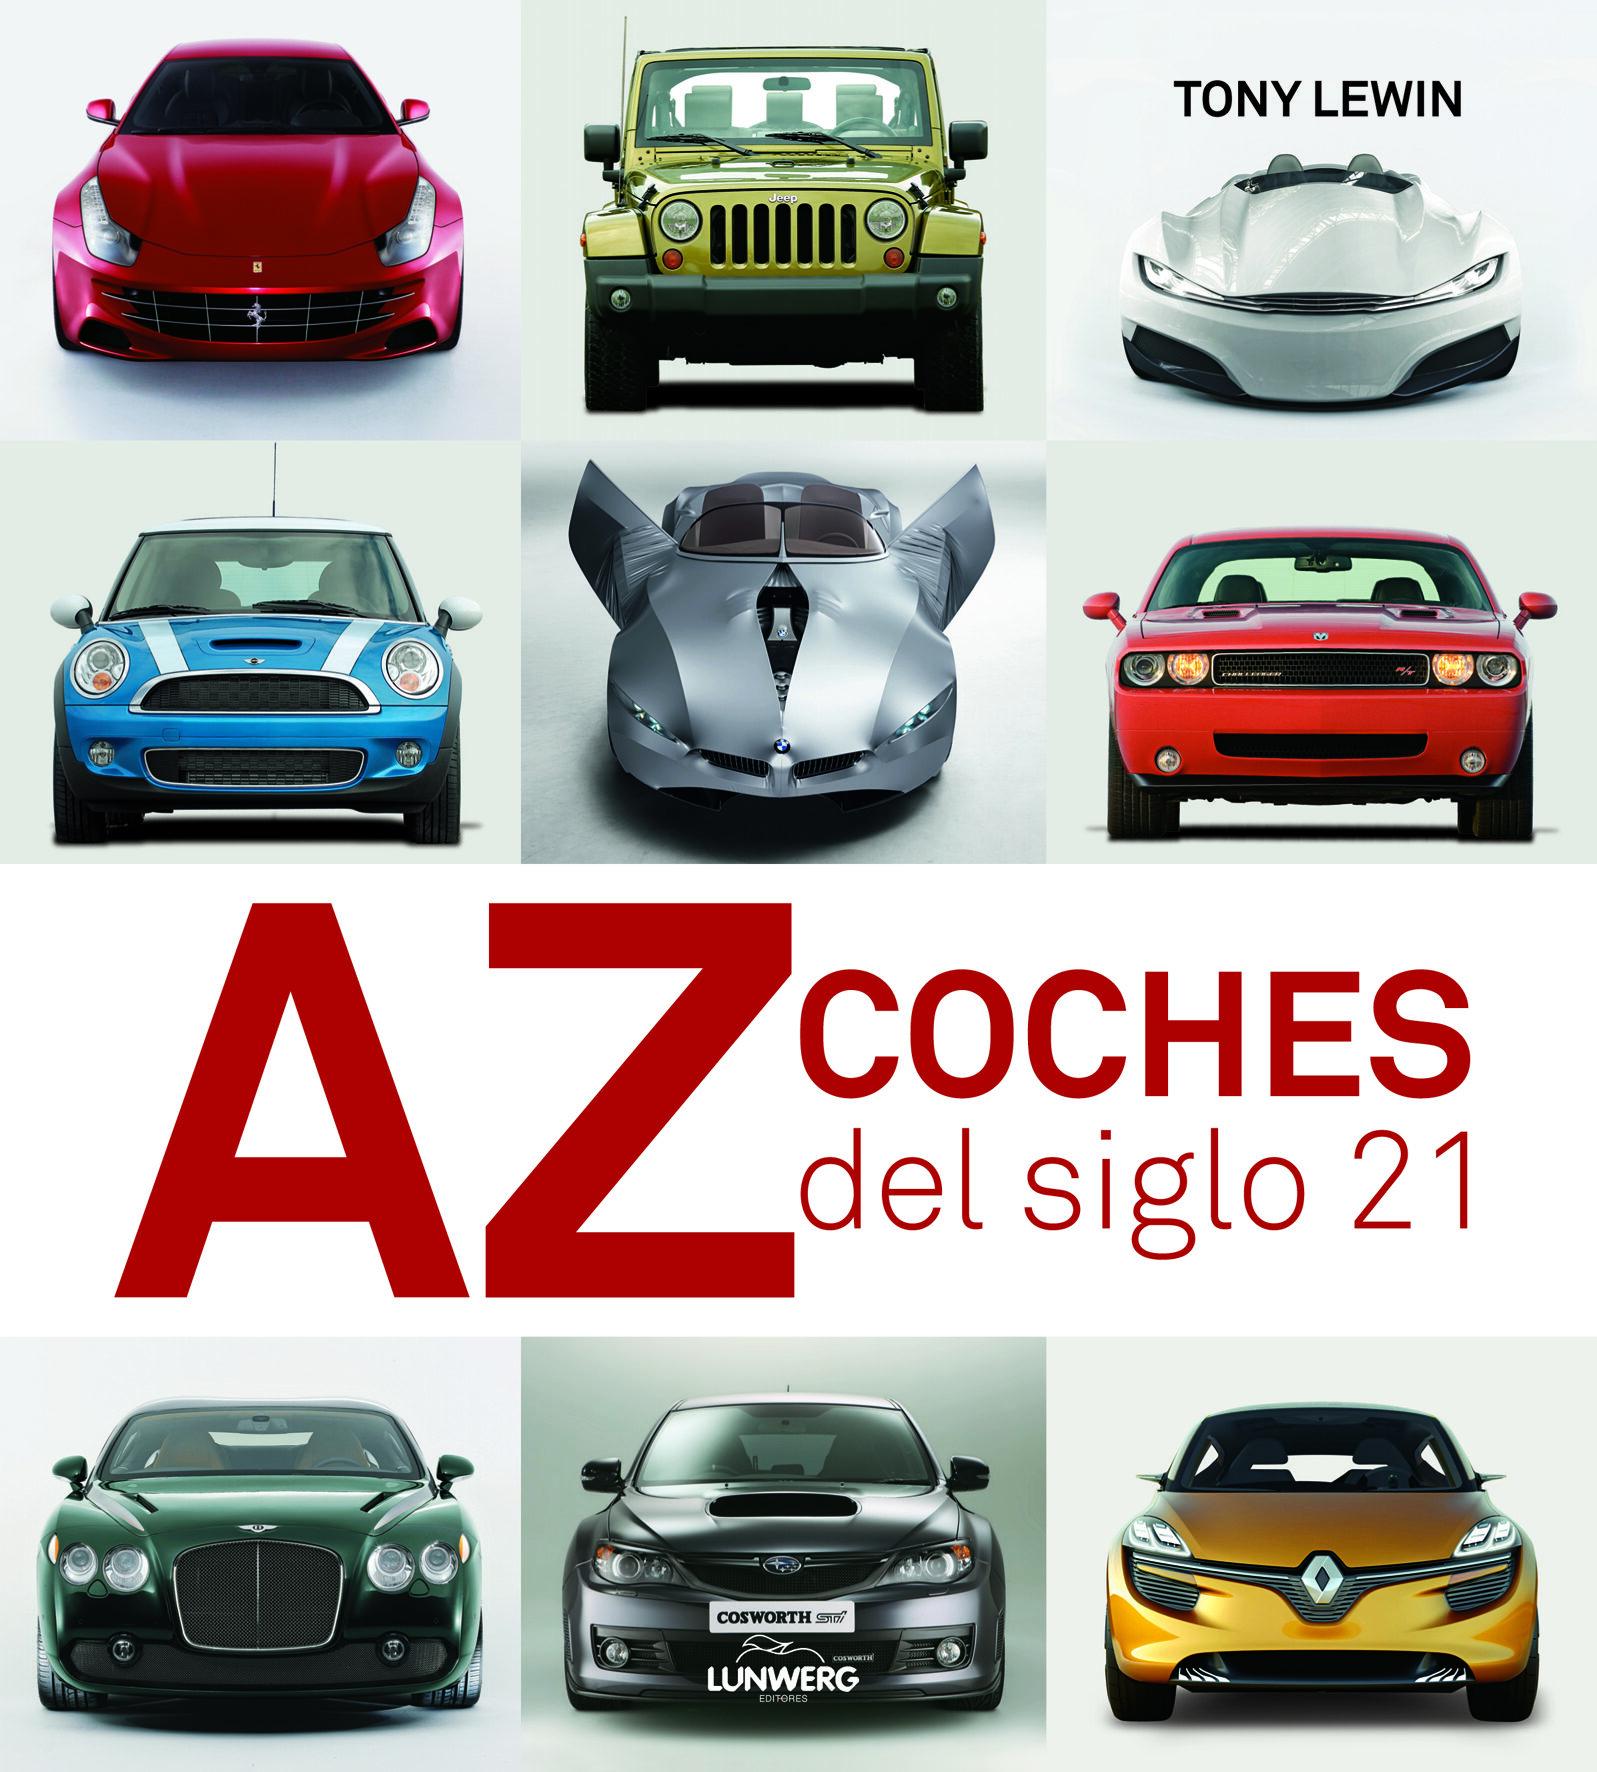 coches del siglo 21-tony lewin-9788497858335